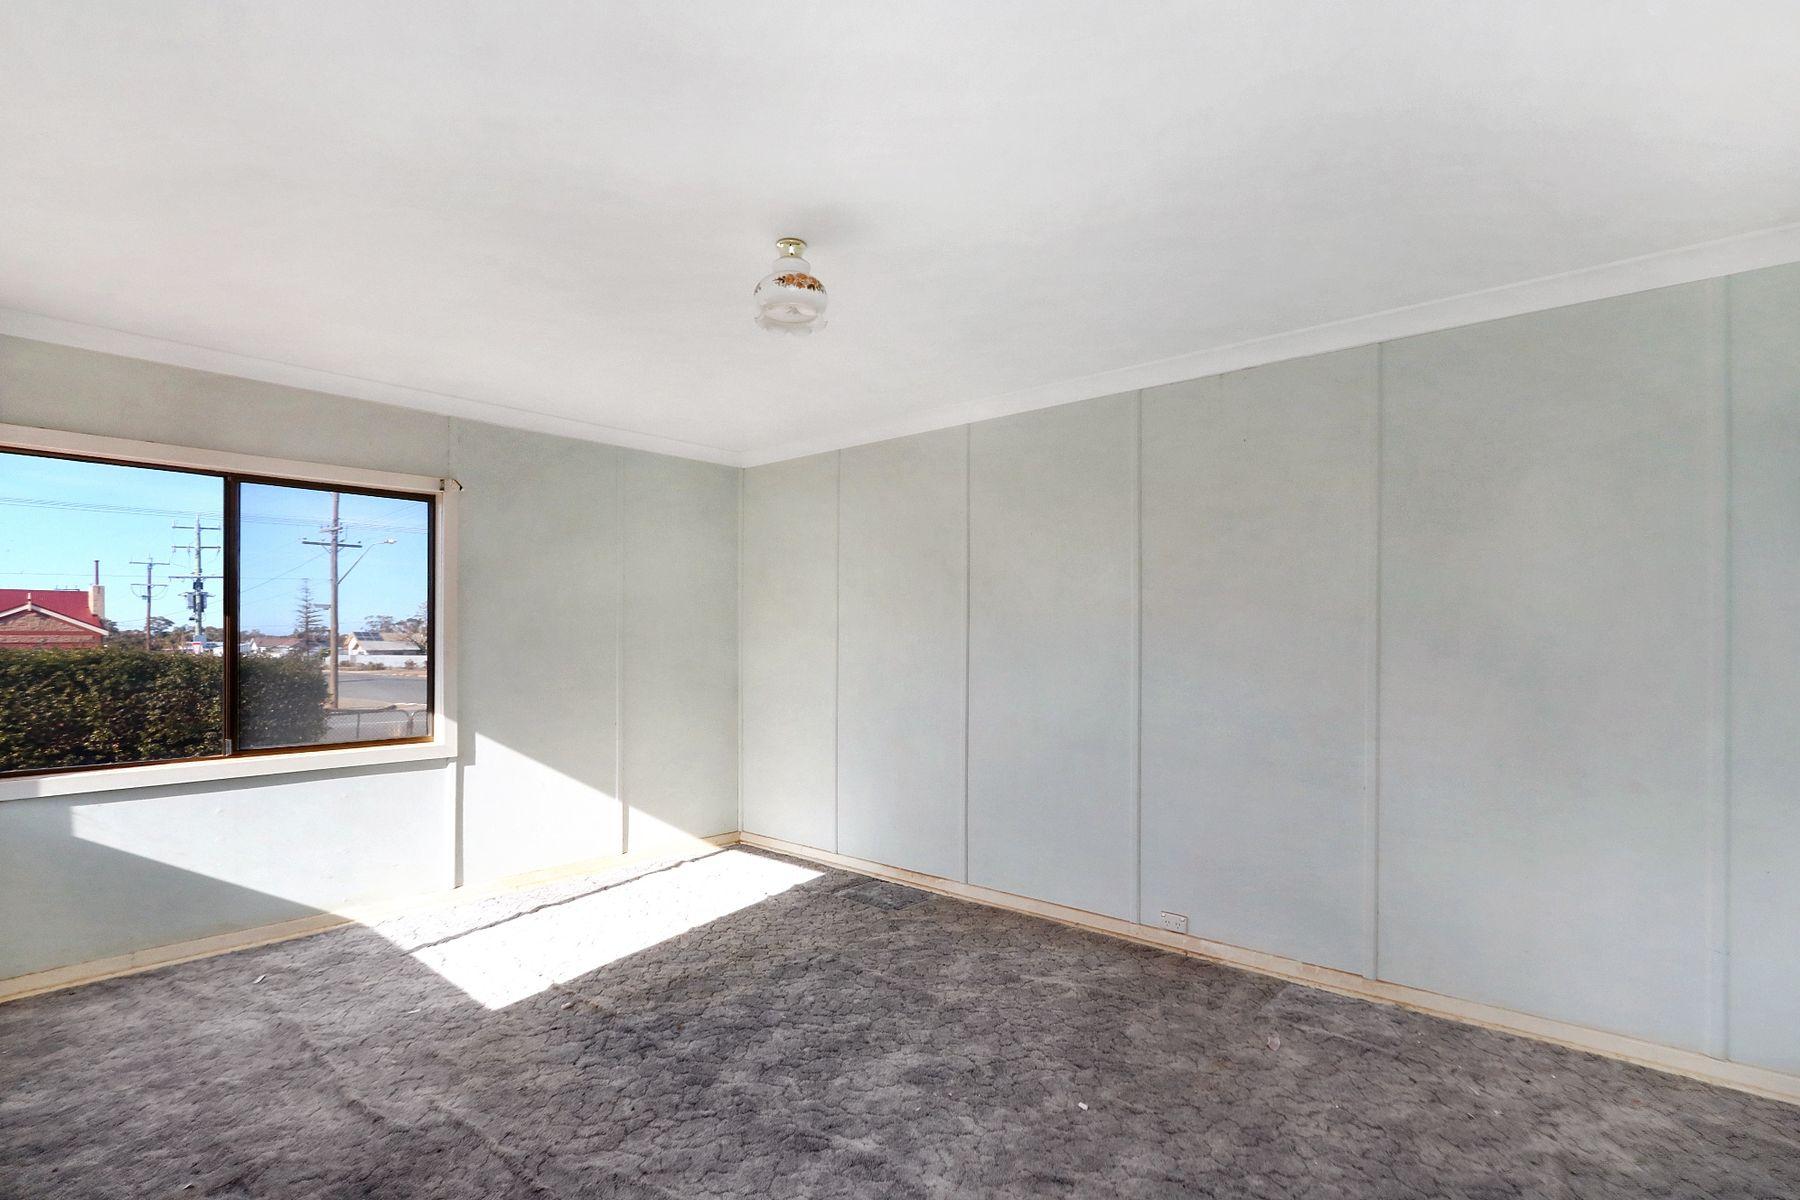 28 Morish St, Broken Hill NSW 2880, Australia , House for Sale - FN